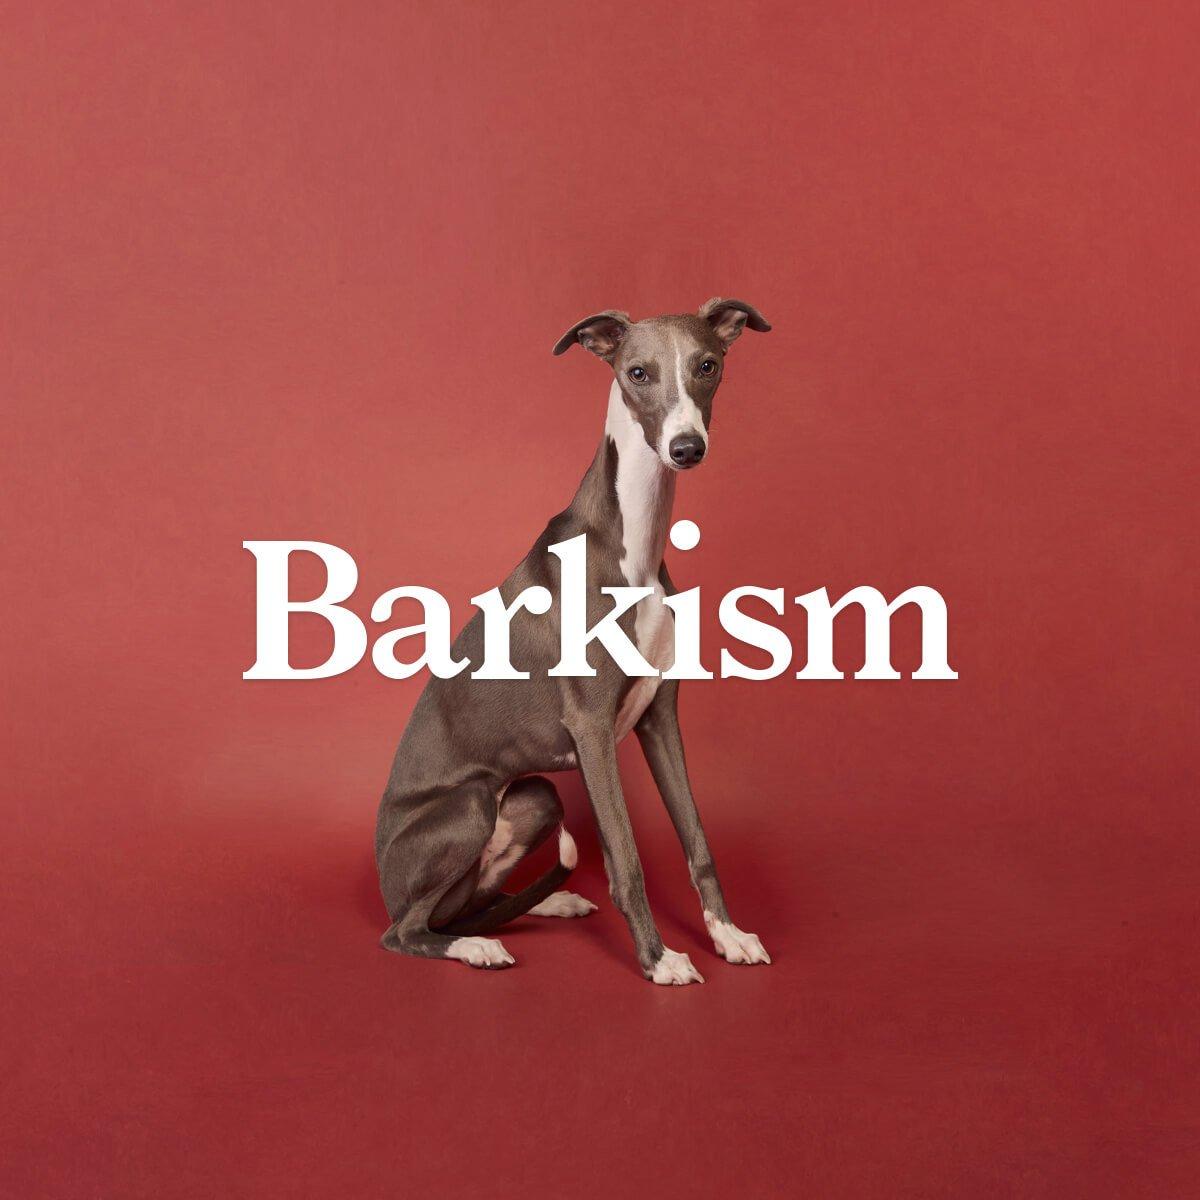 Barkism